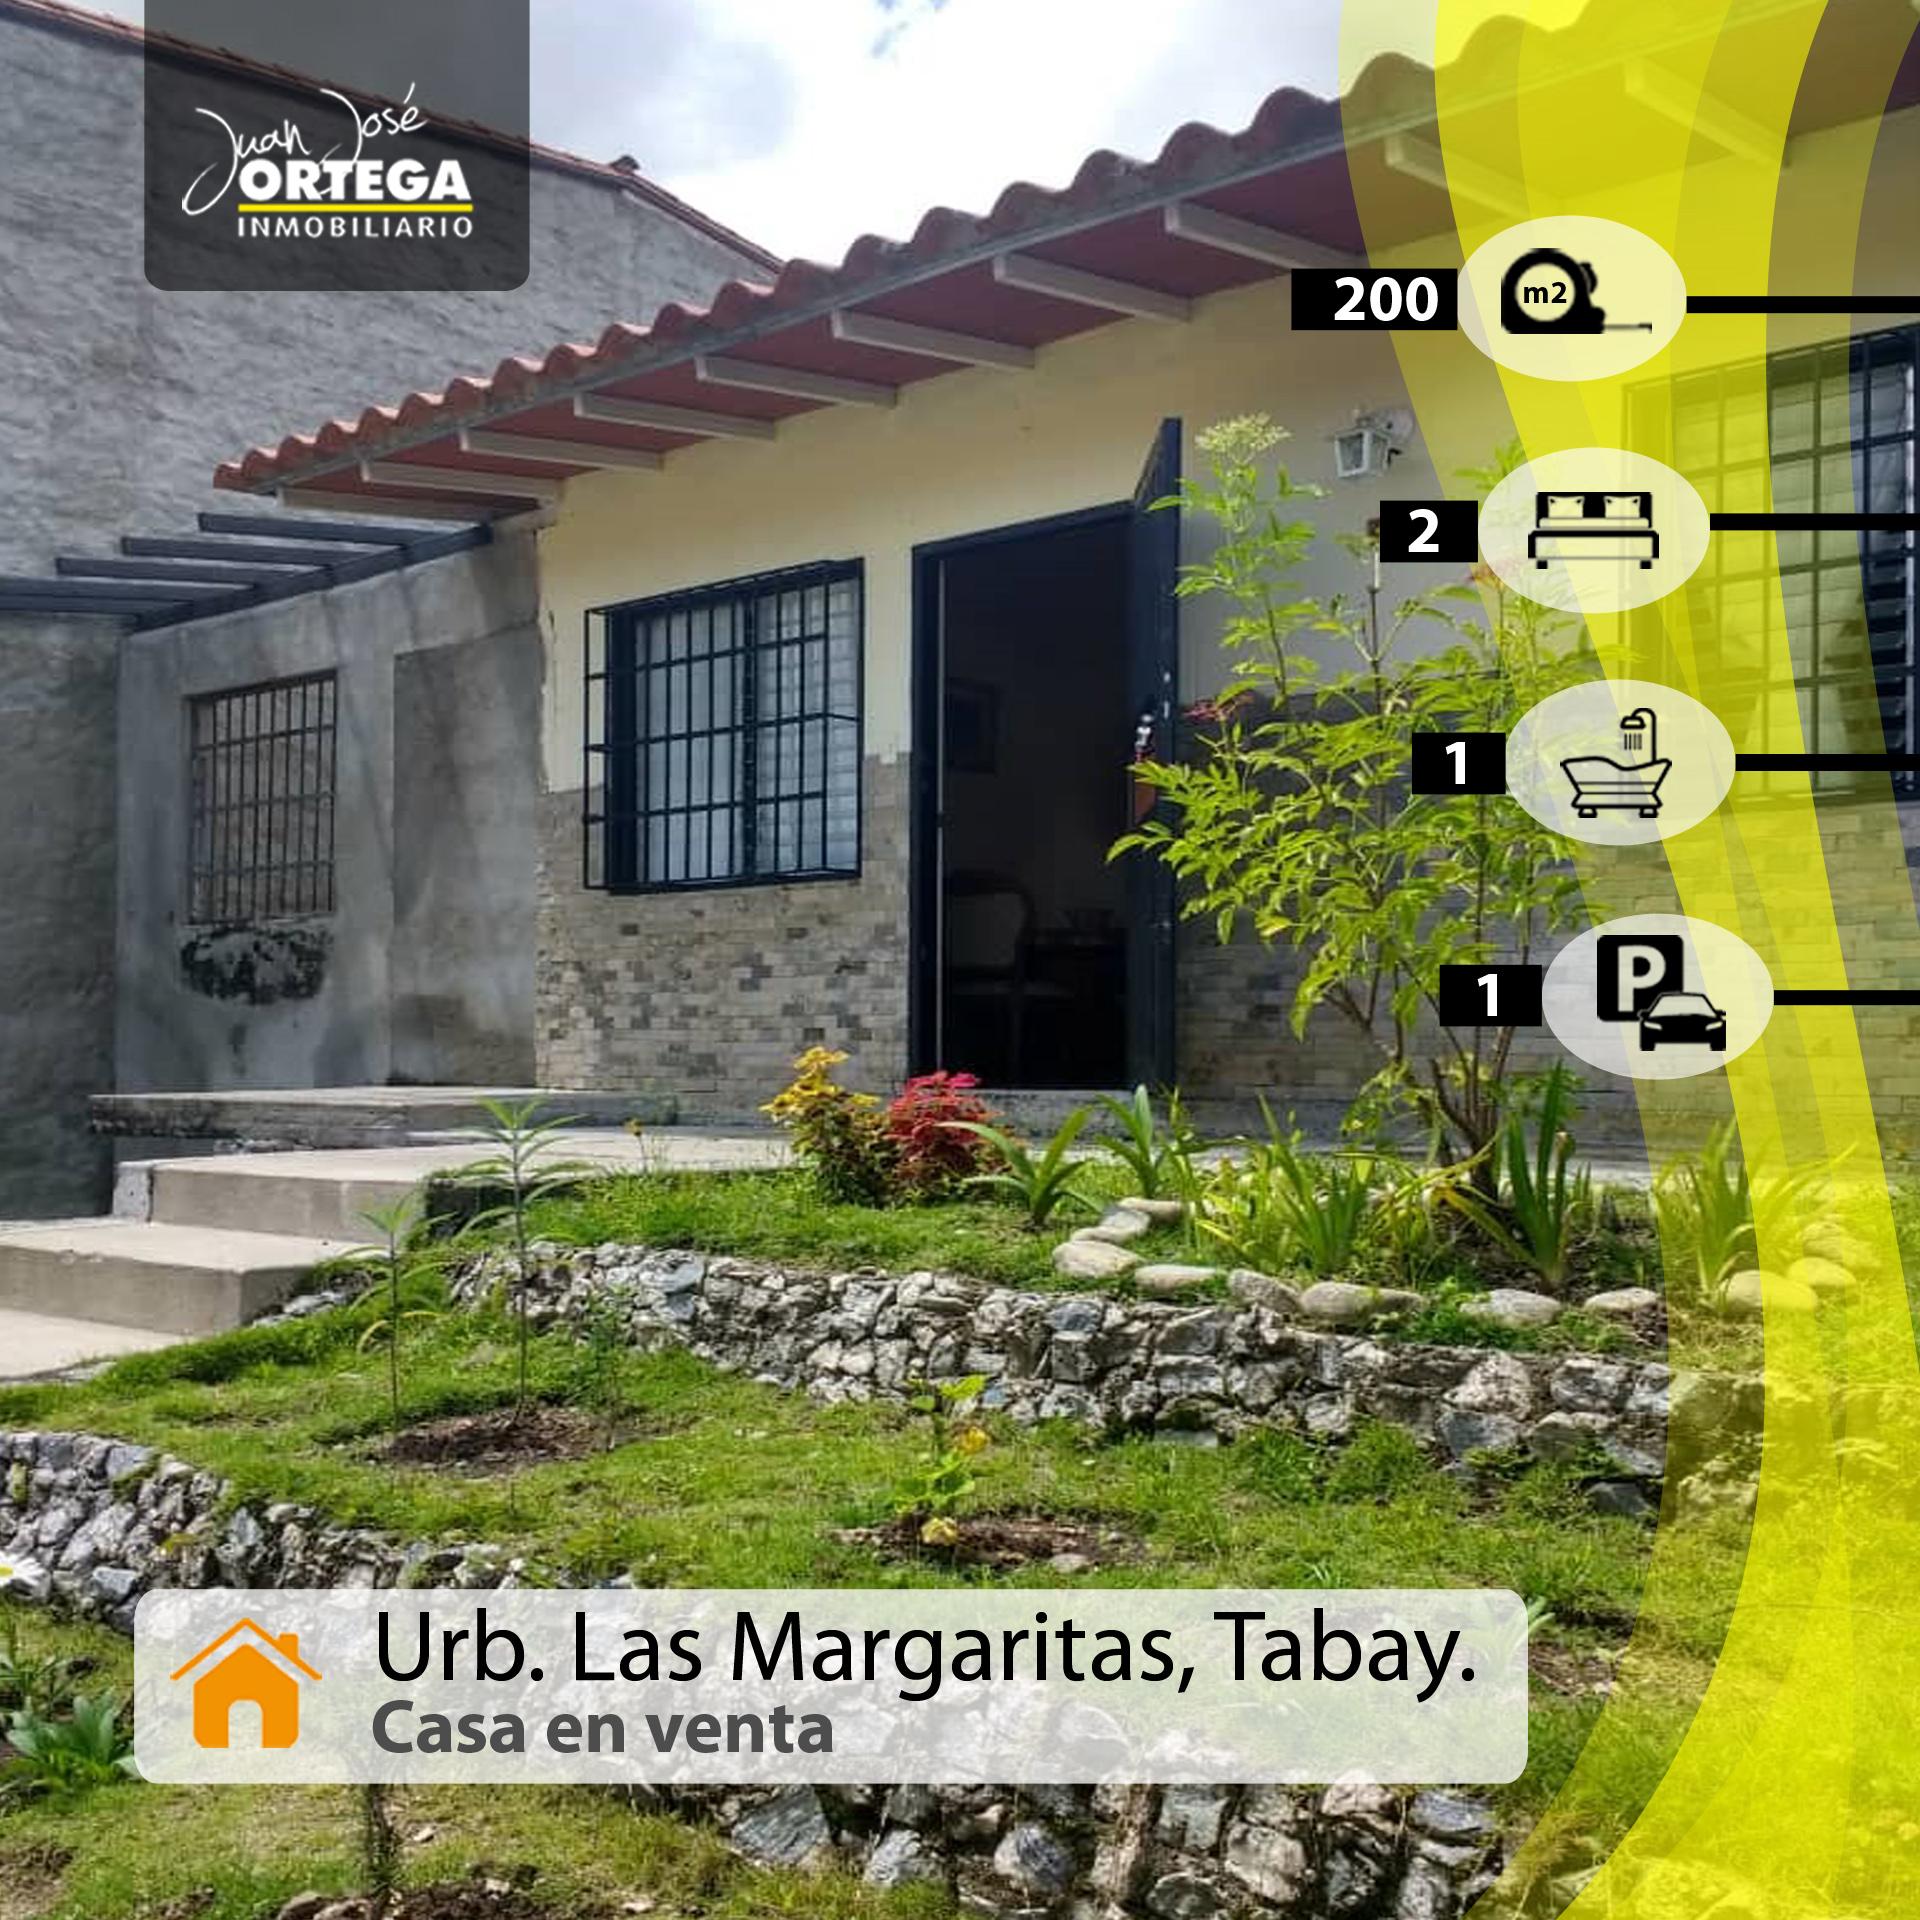 Casa en Mérida, Sector Hacienda y Vega, Urbanización Las Margaritas. Tabay